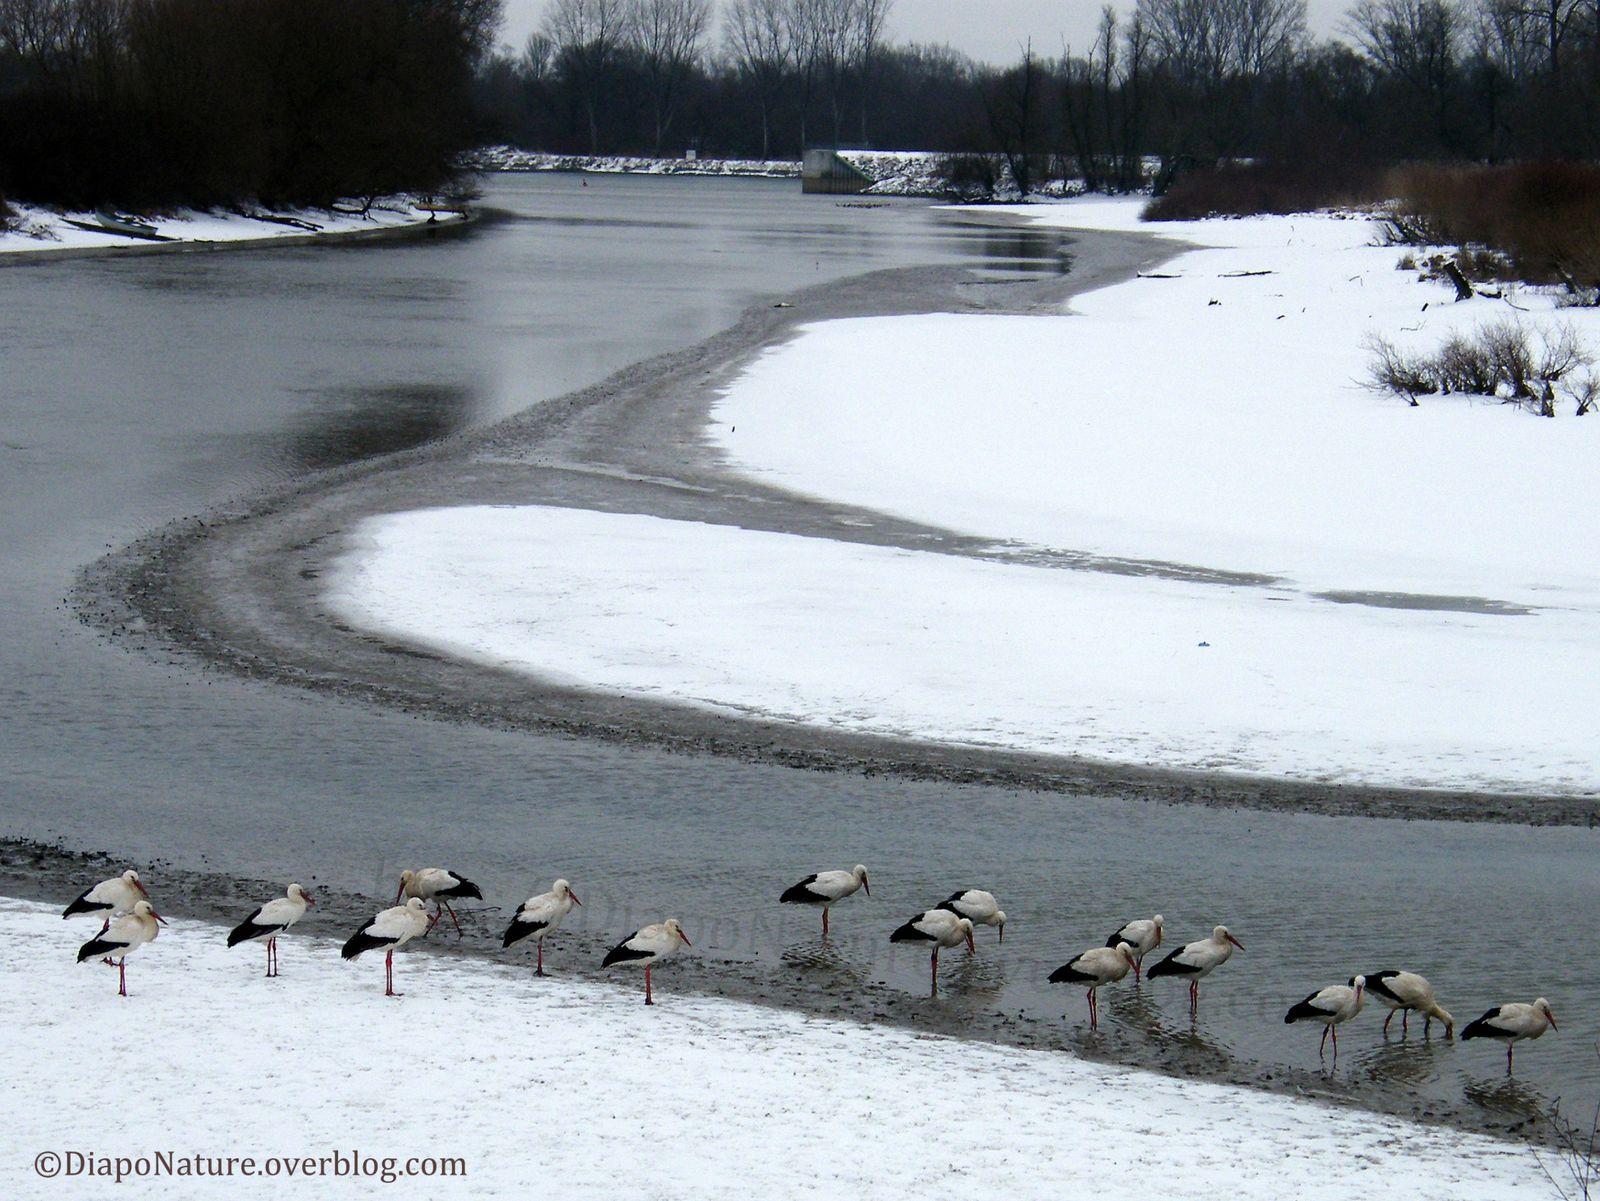 Cigognes affamées espérant trouver pitance dans la Sauer, au fond le Rhin